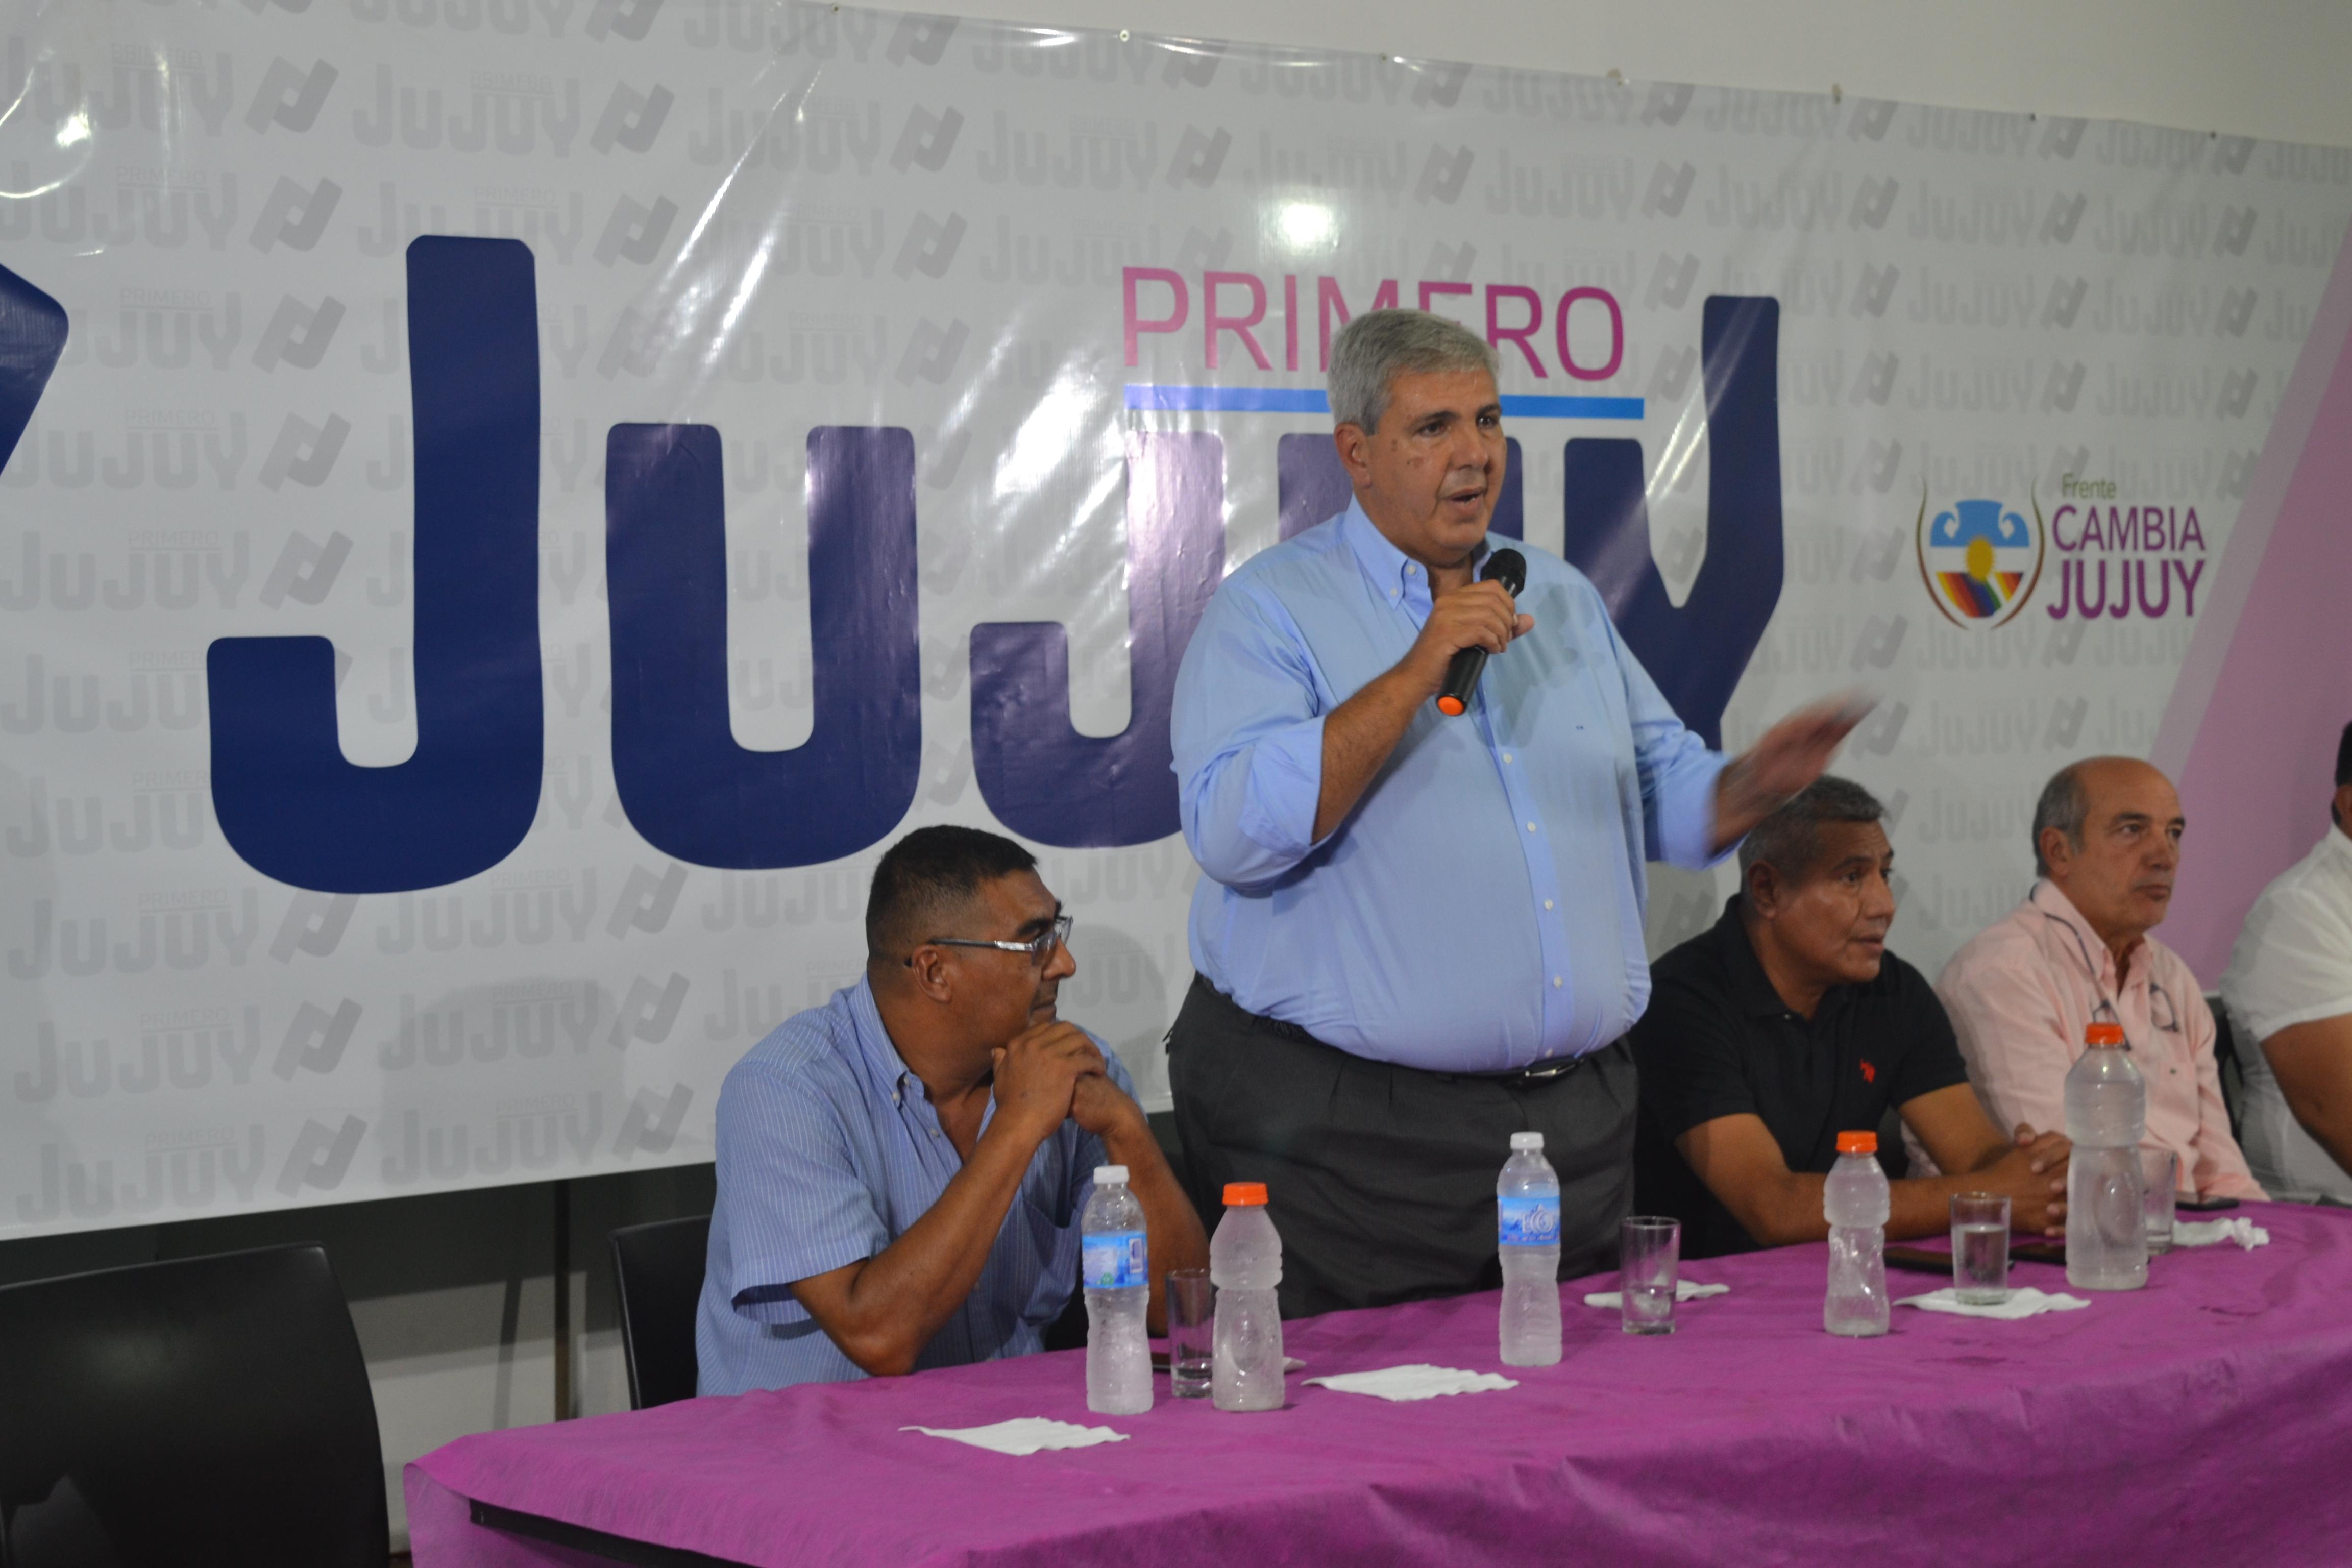 Primero Jujuy a favor de mantener el Frente Cambia Jujuy